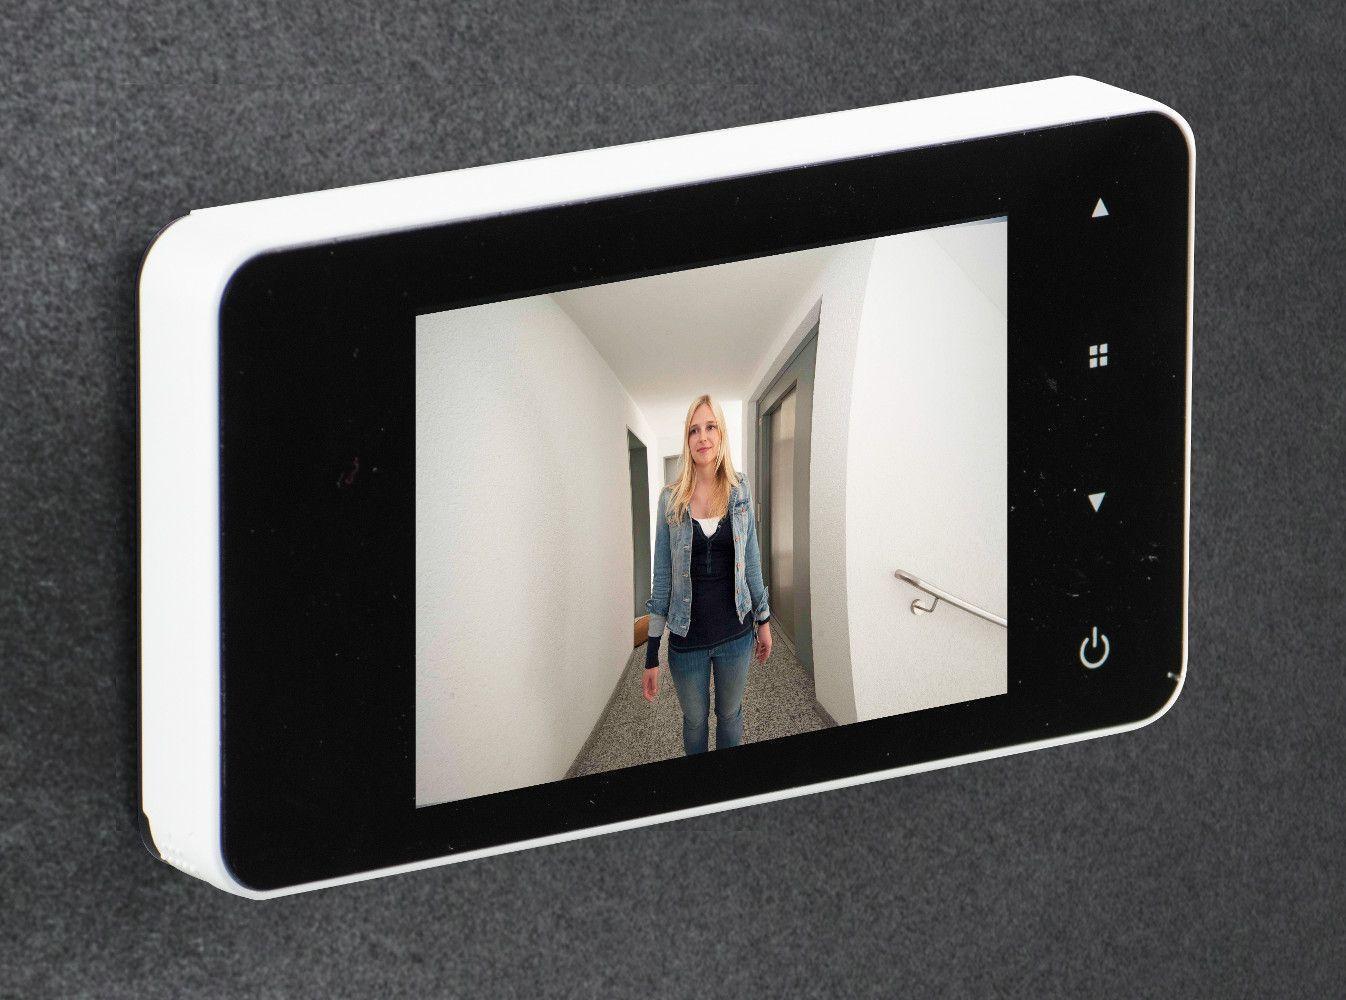 judas lectronique door eguard 8200 sonnette et prise de. Black Bedroom Furniture Sets. Home Design Ideas